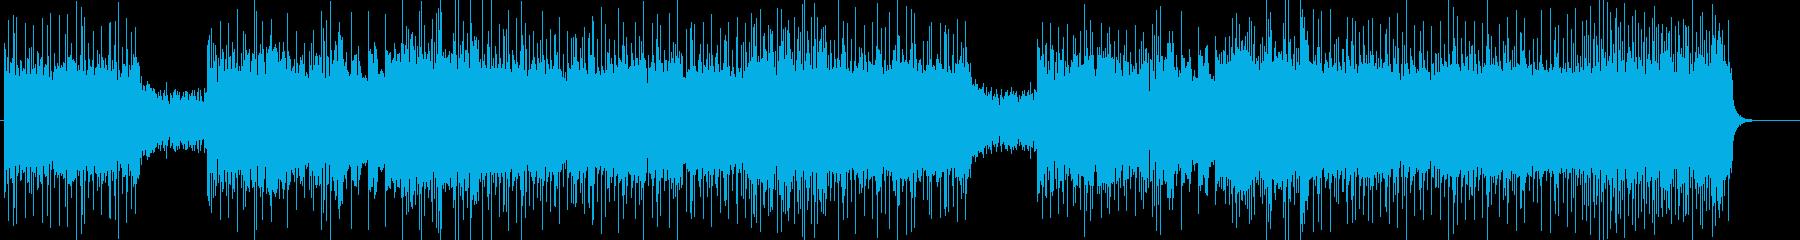 「HR/HM」「DEATH」BGM270の再生済みの波形